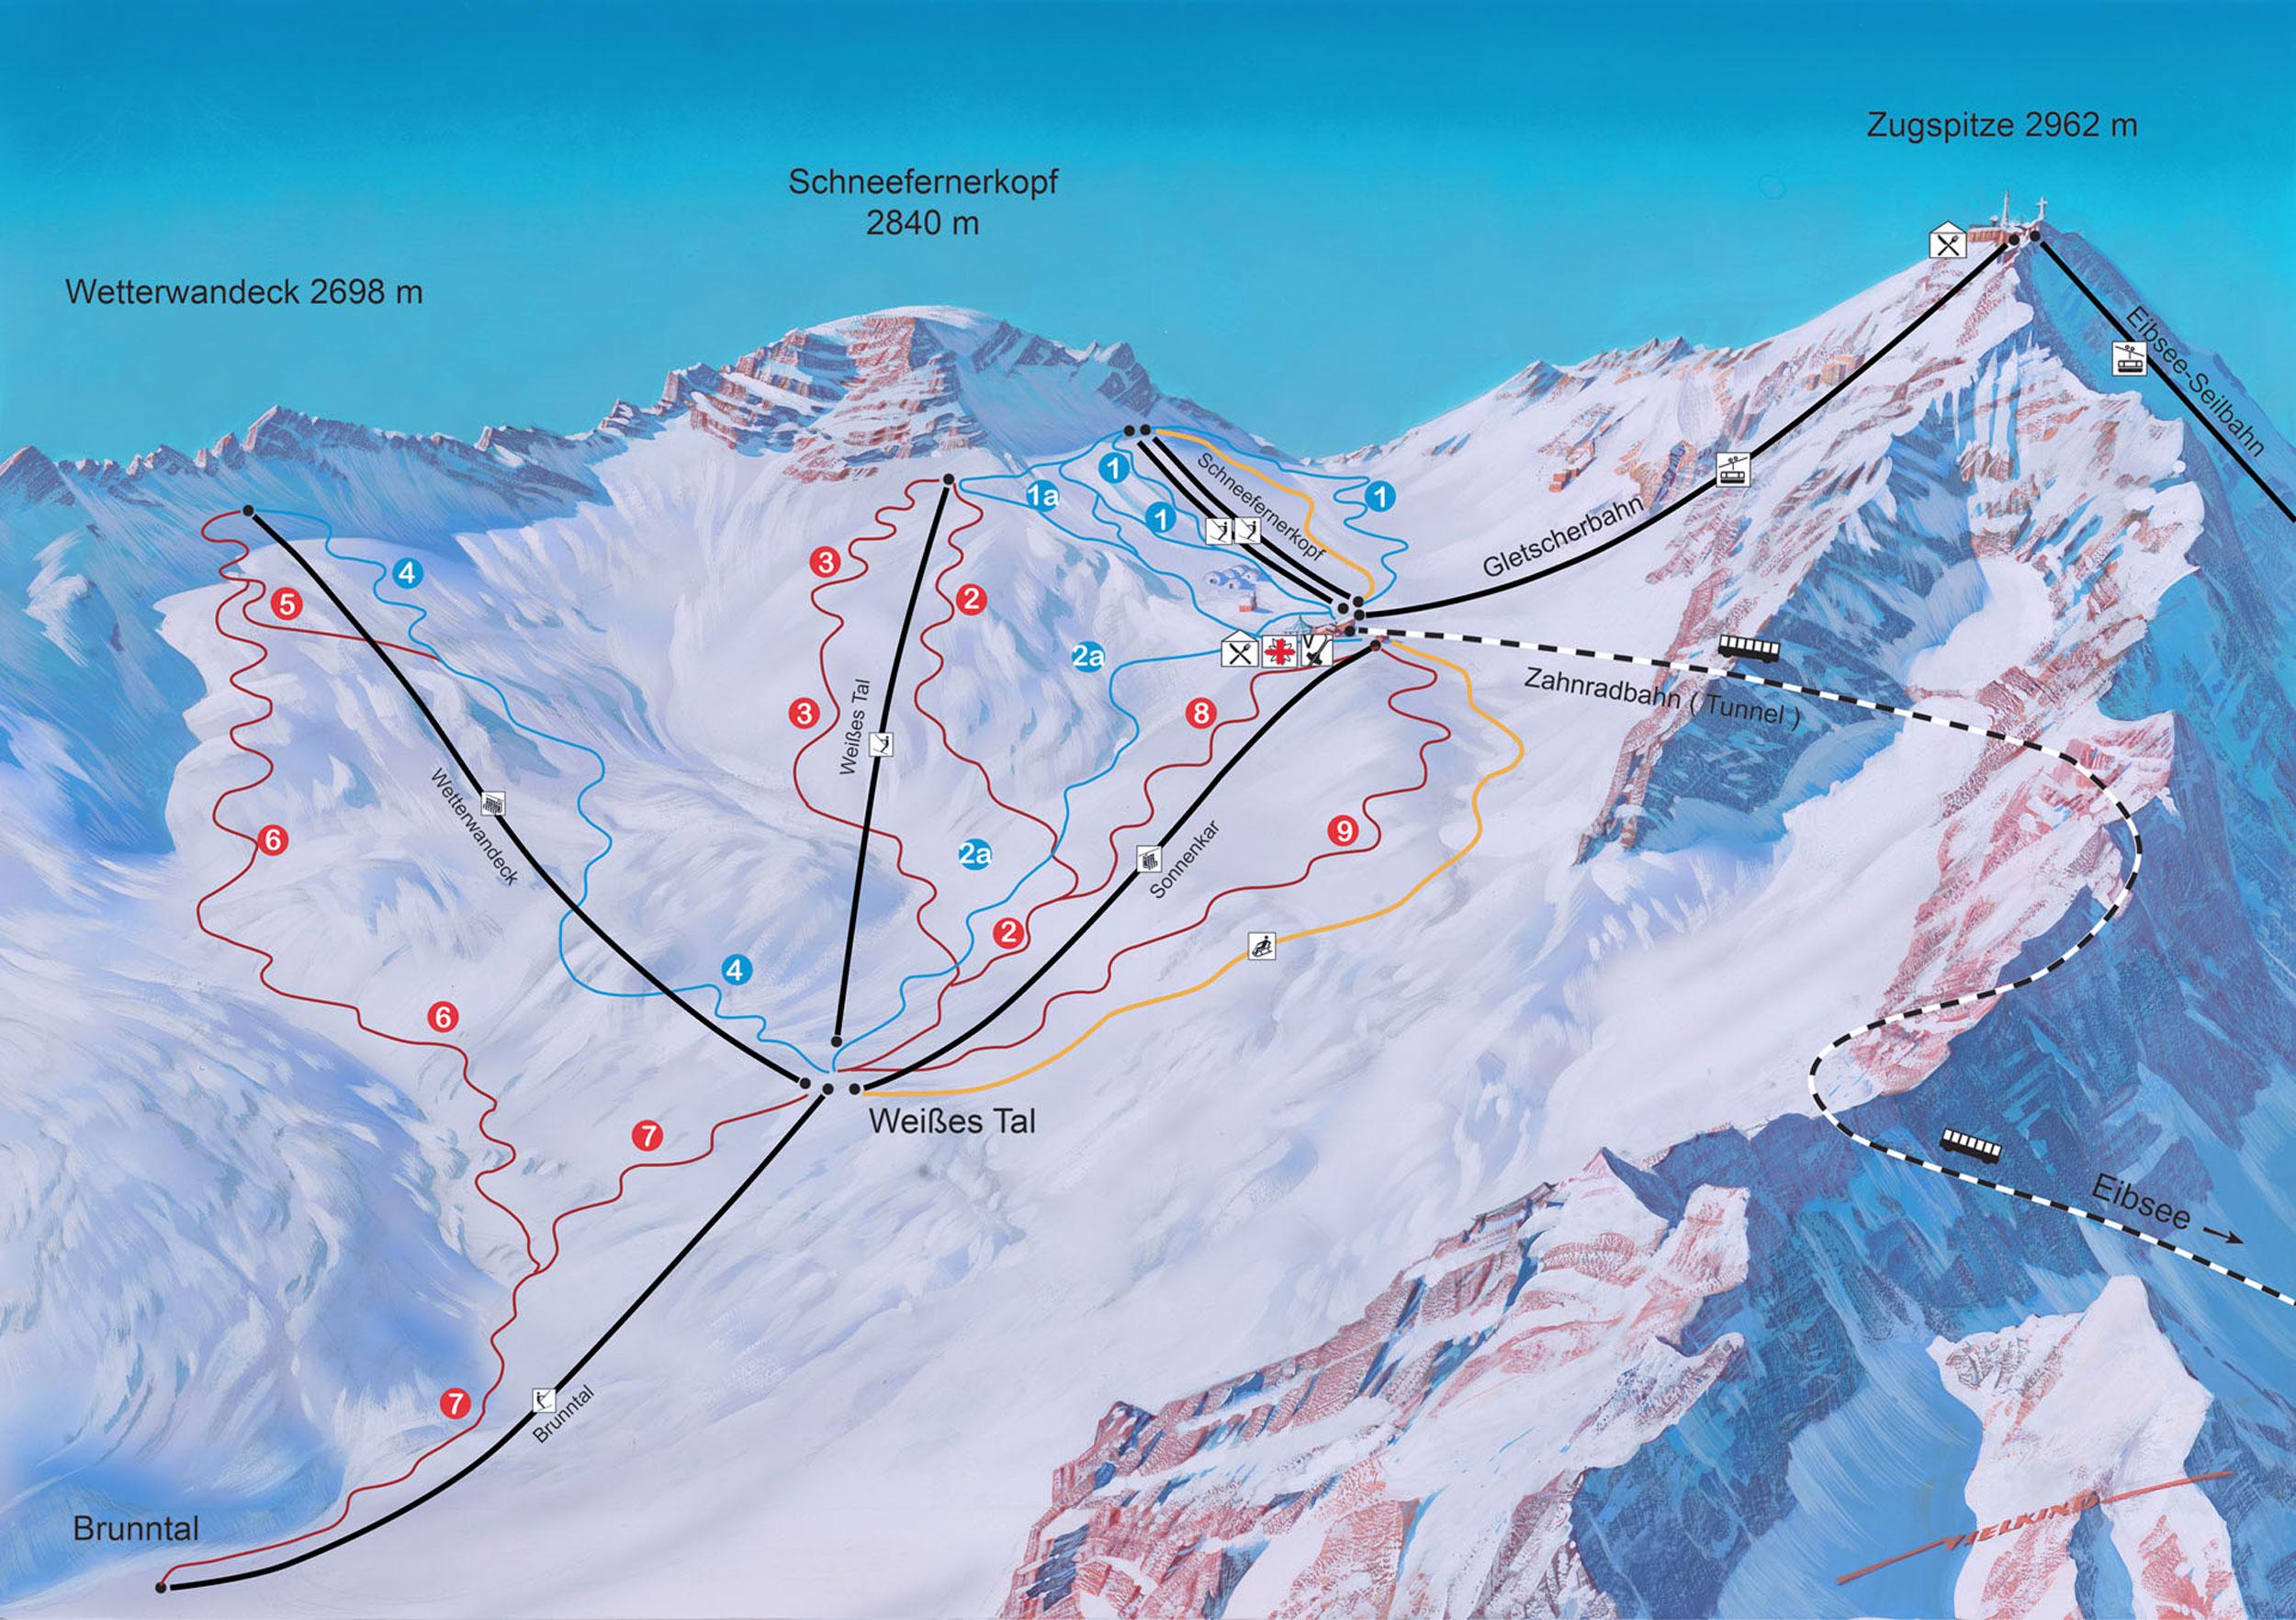 Ski map Garmisch Partenkirchen (Germany) Garmisch Partenkirchen Map on babenhausen map, cortina d'ampezzo map, magdeburg map, berchtesgaden map, landstuhl map, germany map, weimar map, freiburg map, albertville map, rothenburg ob der tauber map, karlsruhe map, europe map, bonn map, garmisch trail map, saxony map, koblenz map, dortmund map, oberammergau map, oslo map, duisburg map,